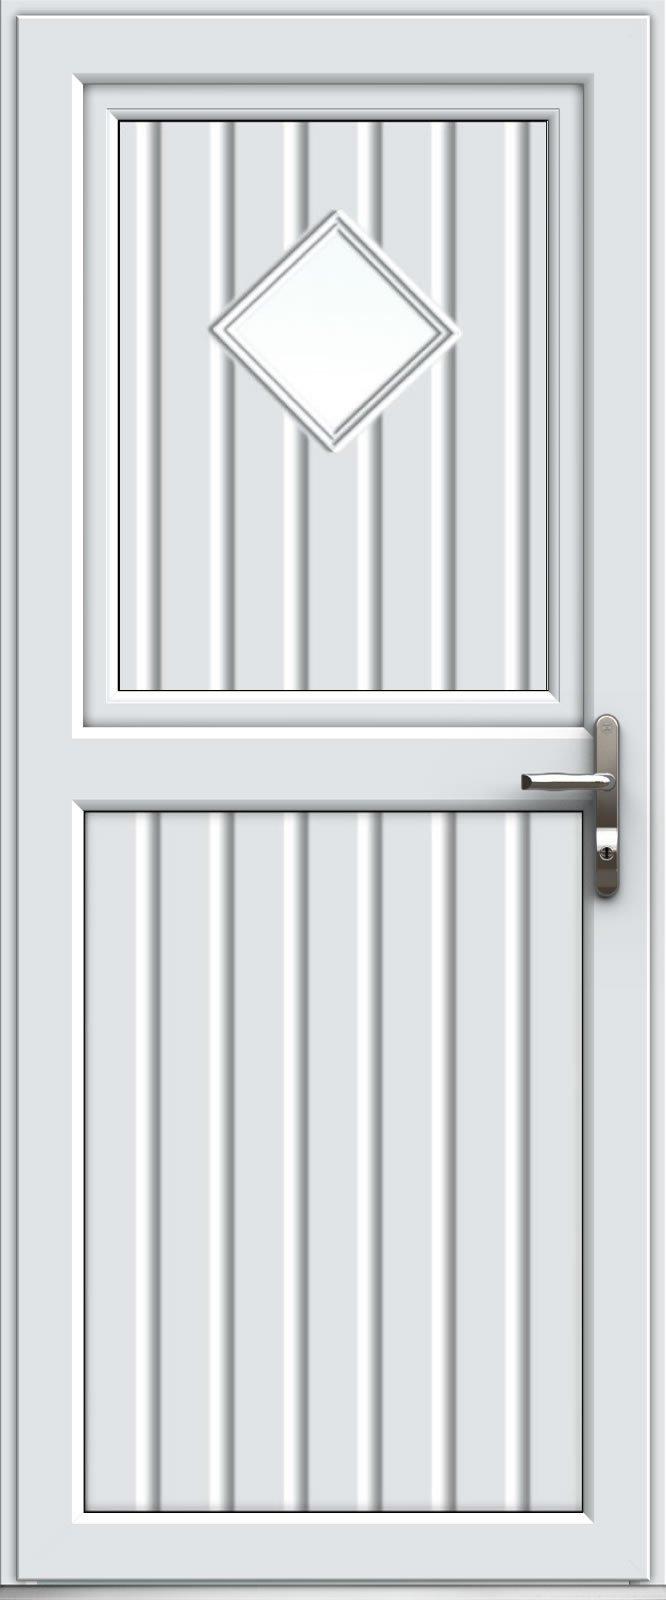 Stable Doors Upvc Stable Doors Composite Stable Doors